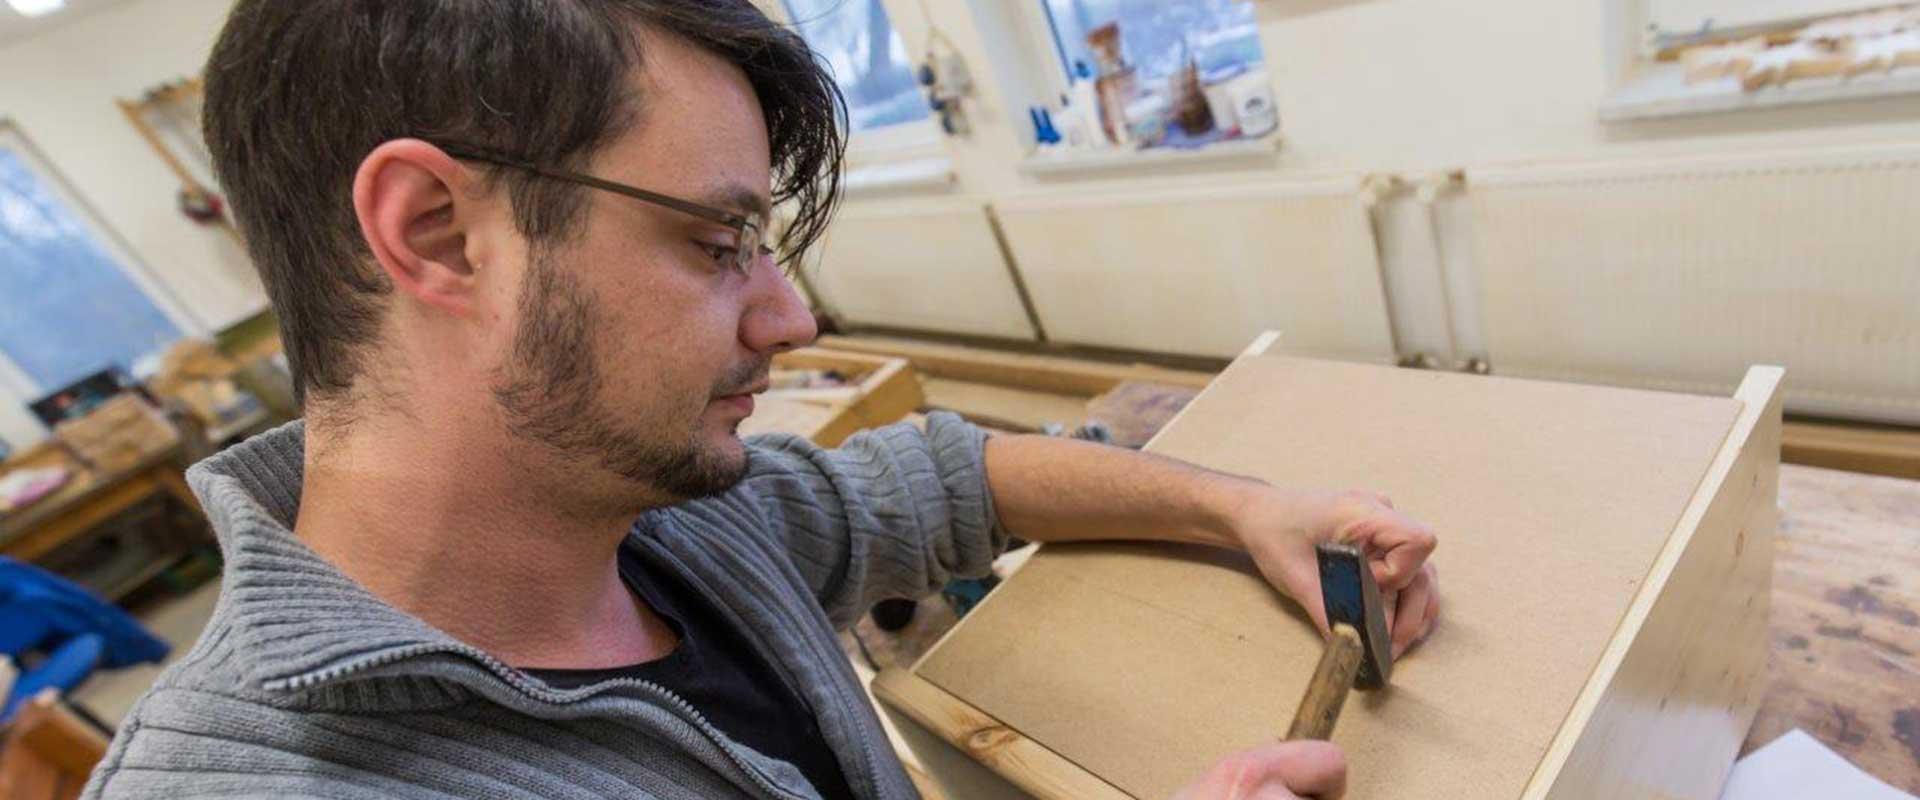 Mann arbeitet in einer Werkstatt in der MEDIAN Klinik am Waldsee